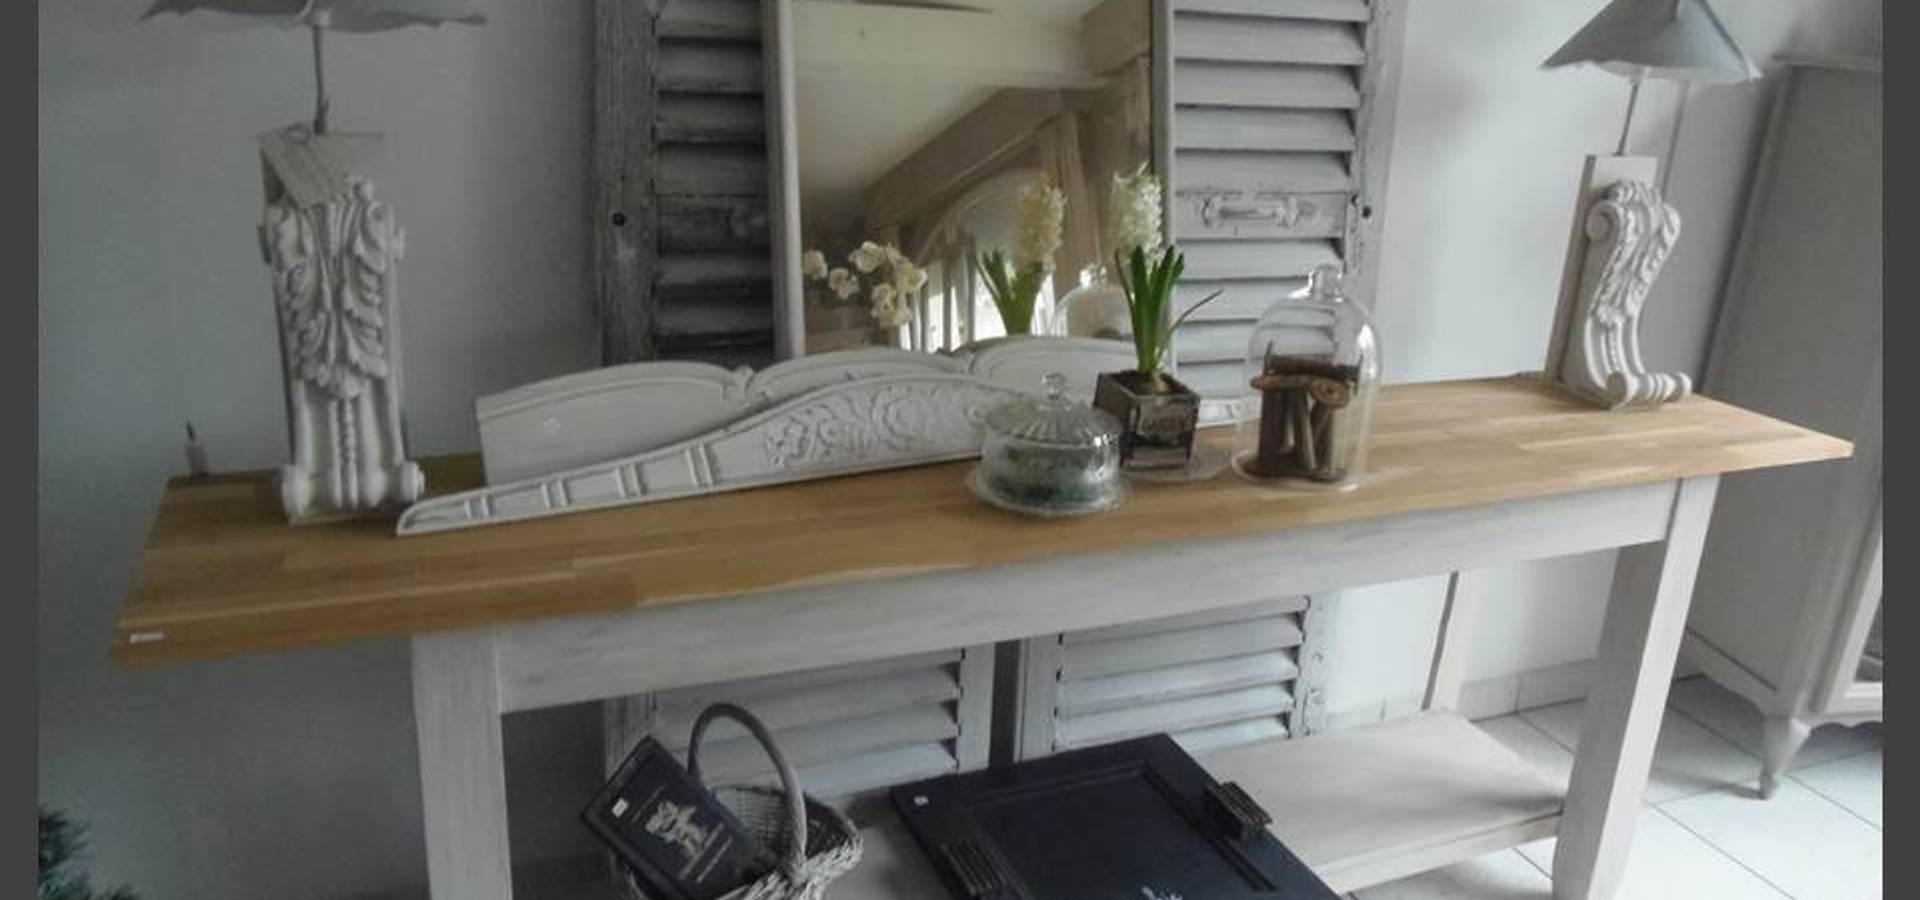 atelier des 4 saisons d corateurs d 39 int rieur houilles sur homify. Black Bedroom Furniture Sets. Home Design Ideas